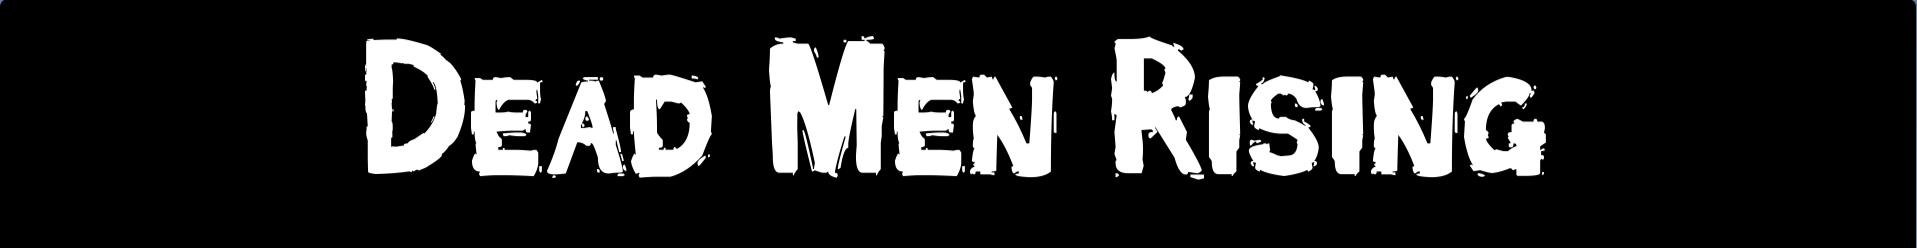 Dead Men Rising